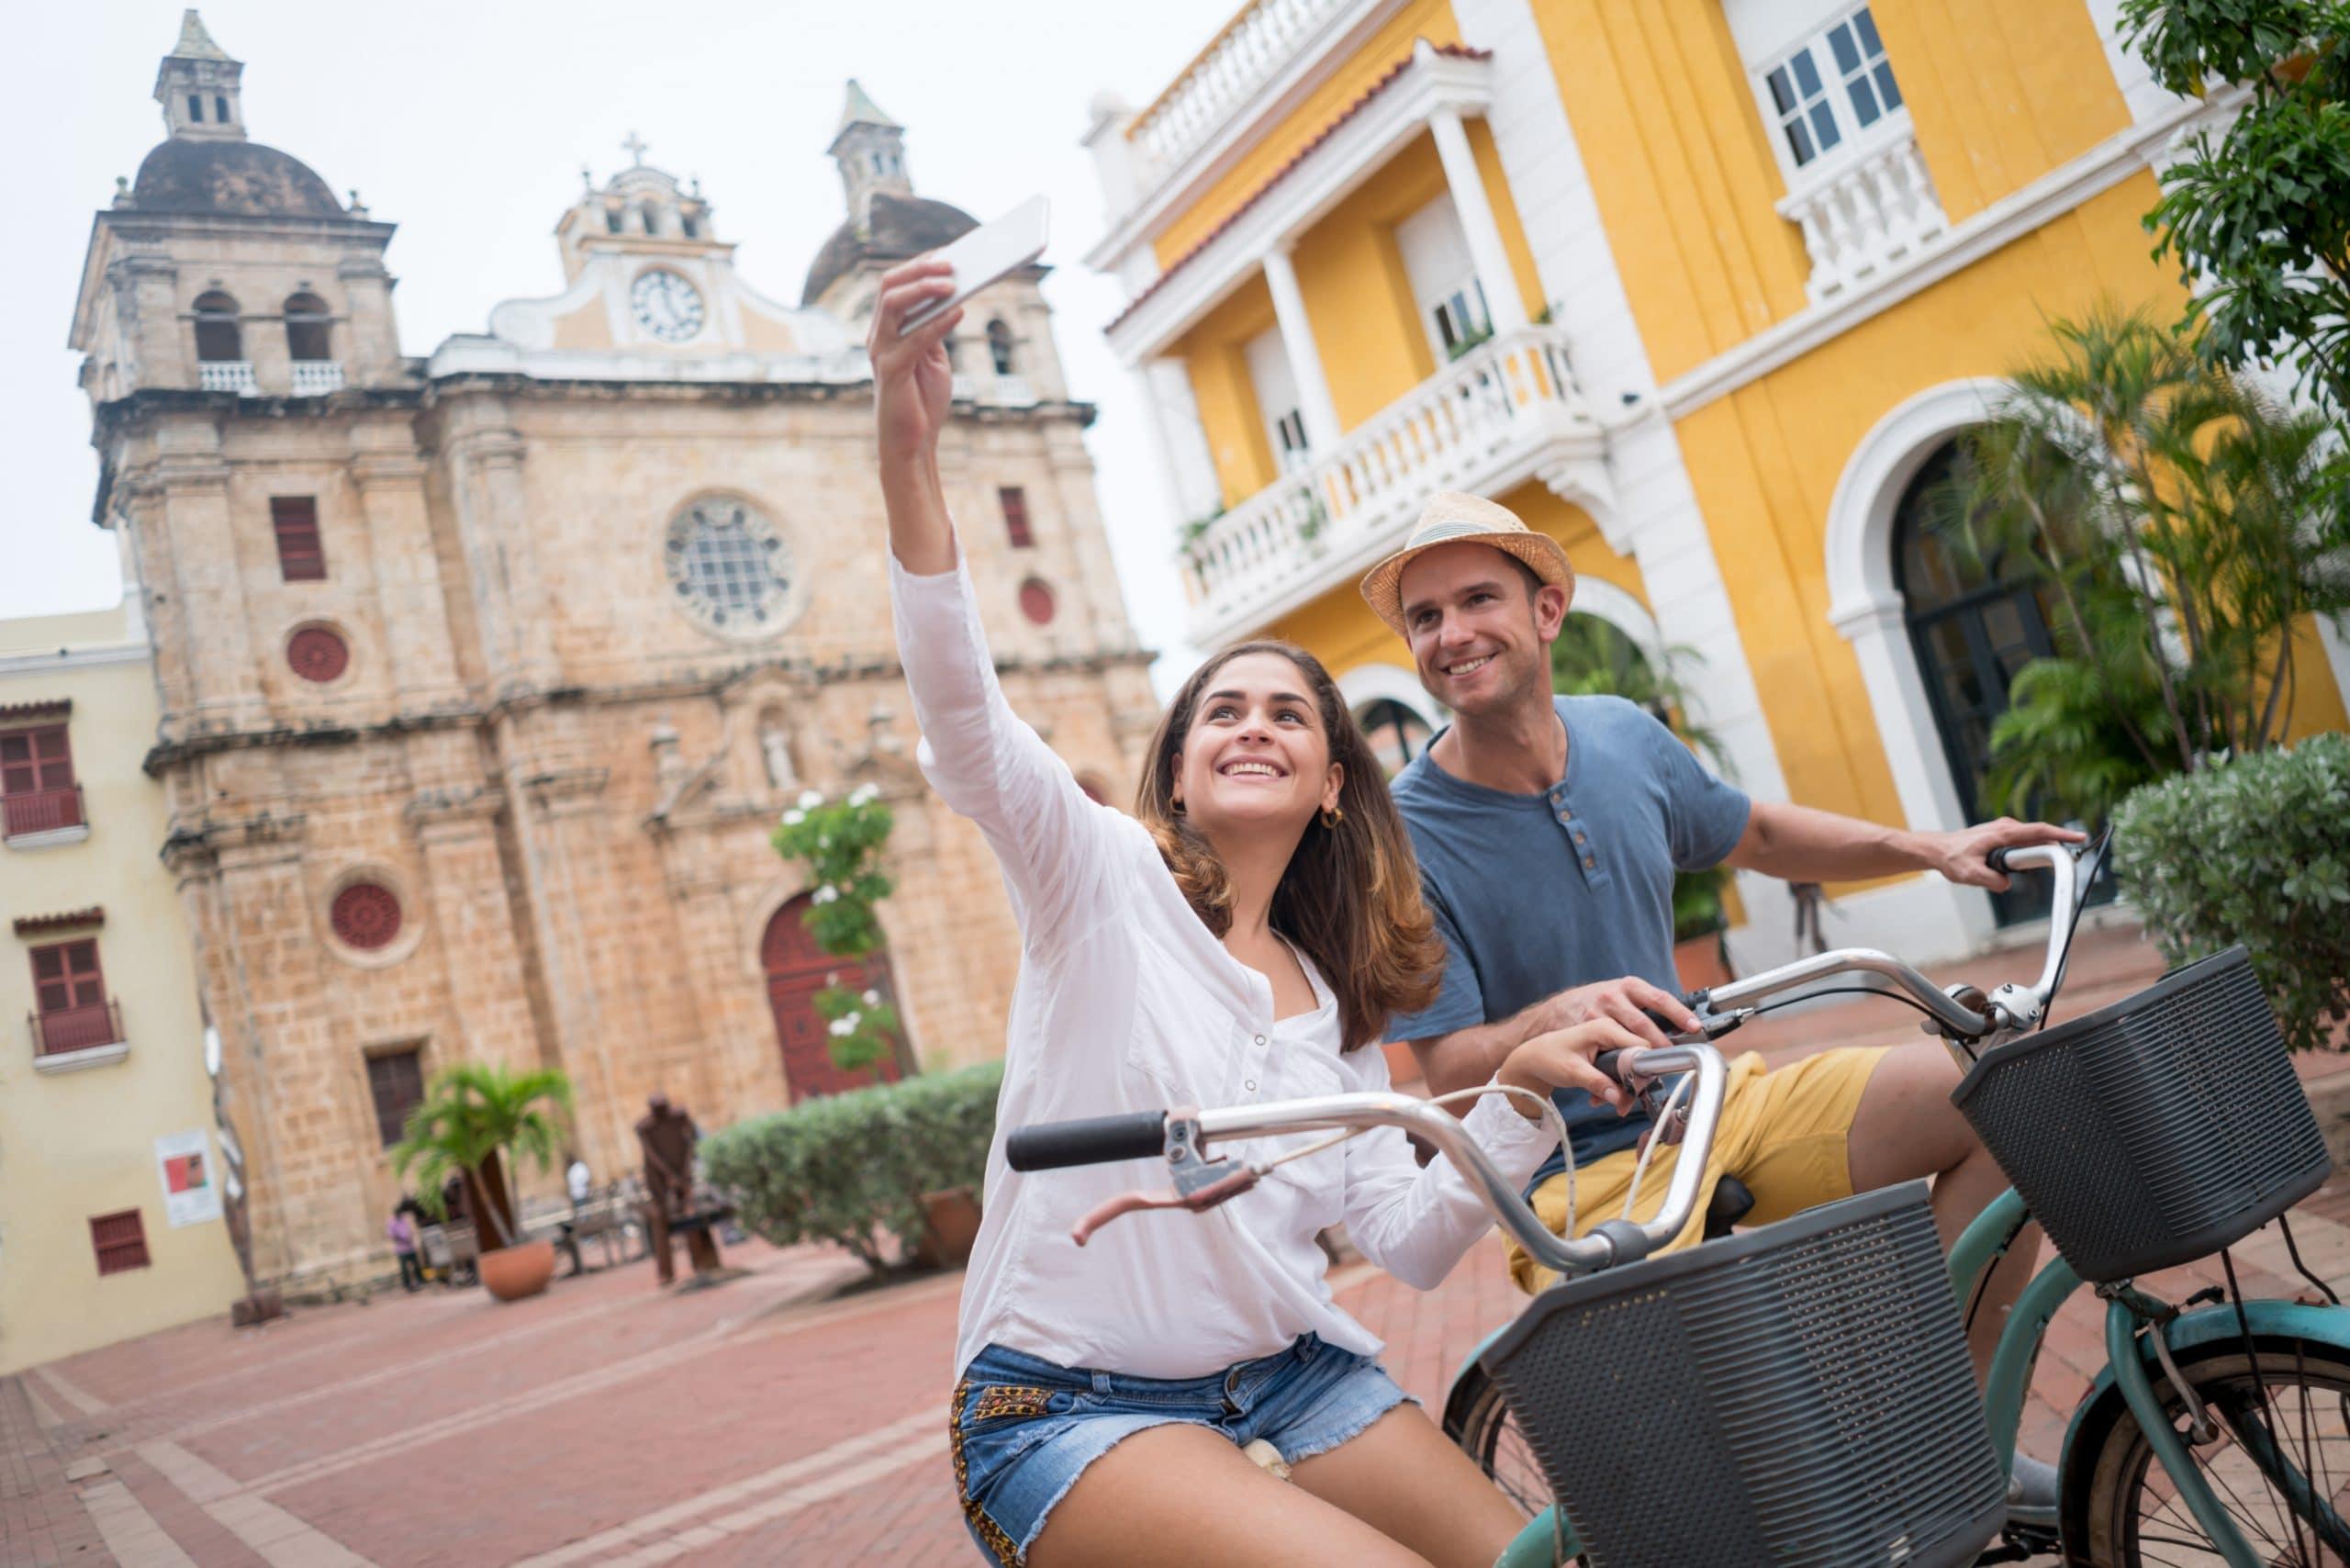 chiffre économie tourisme vélo france